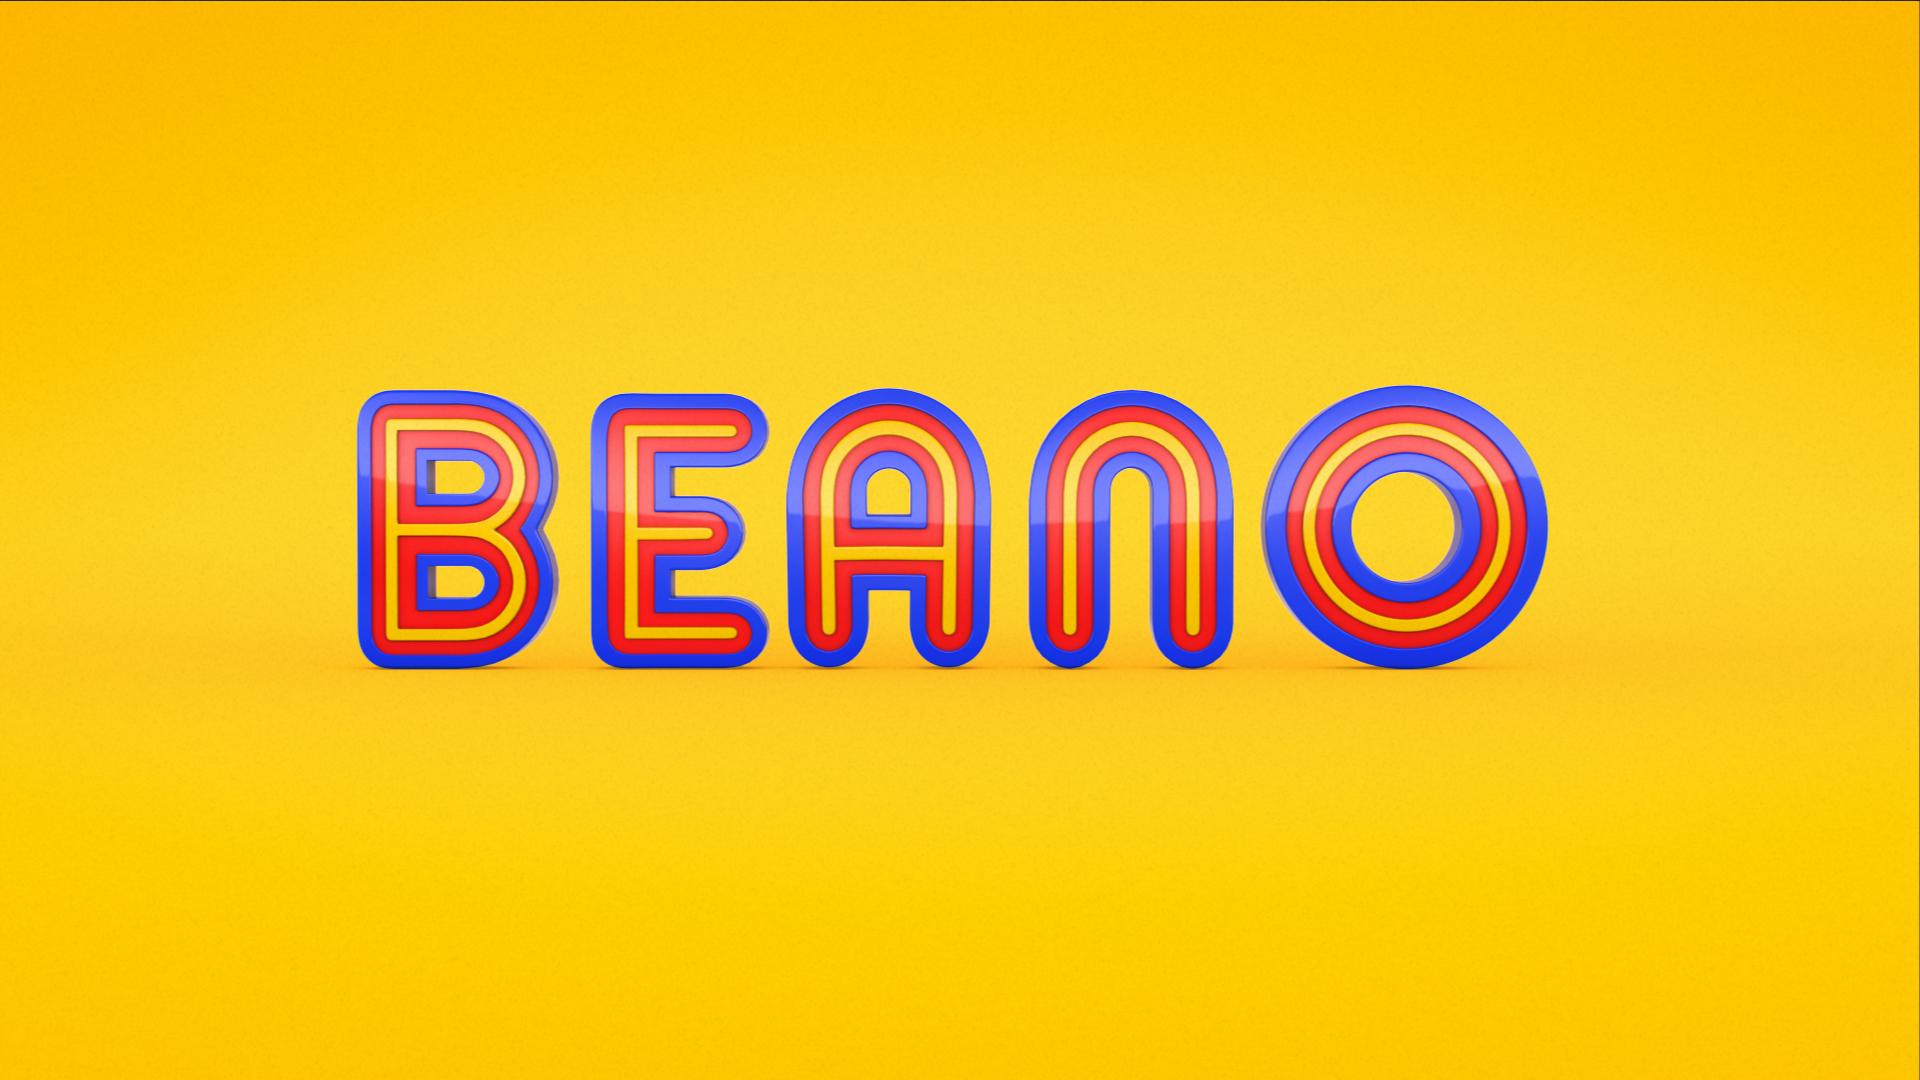 Beano Idents